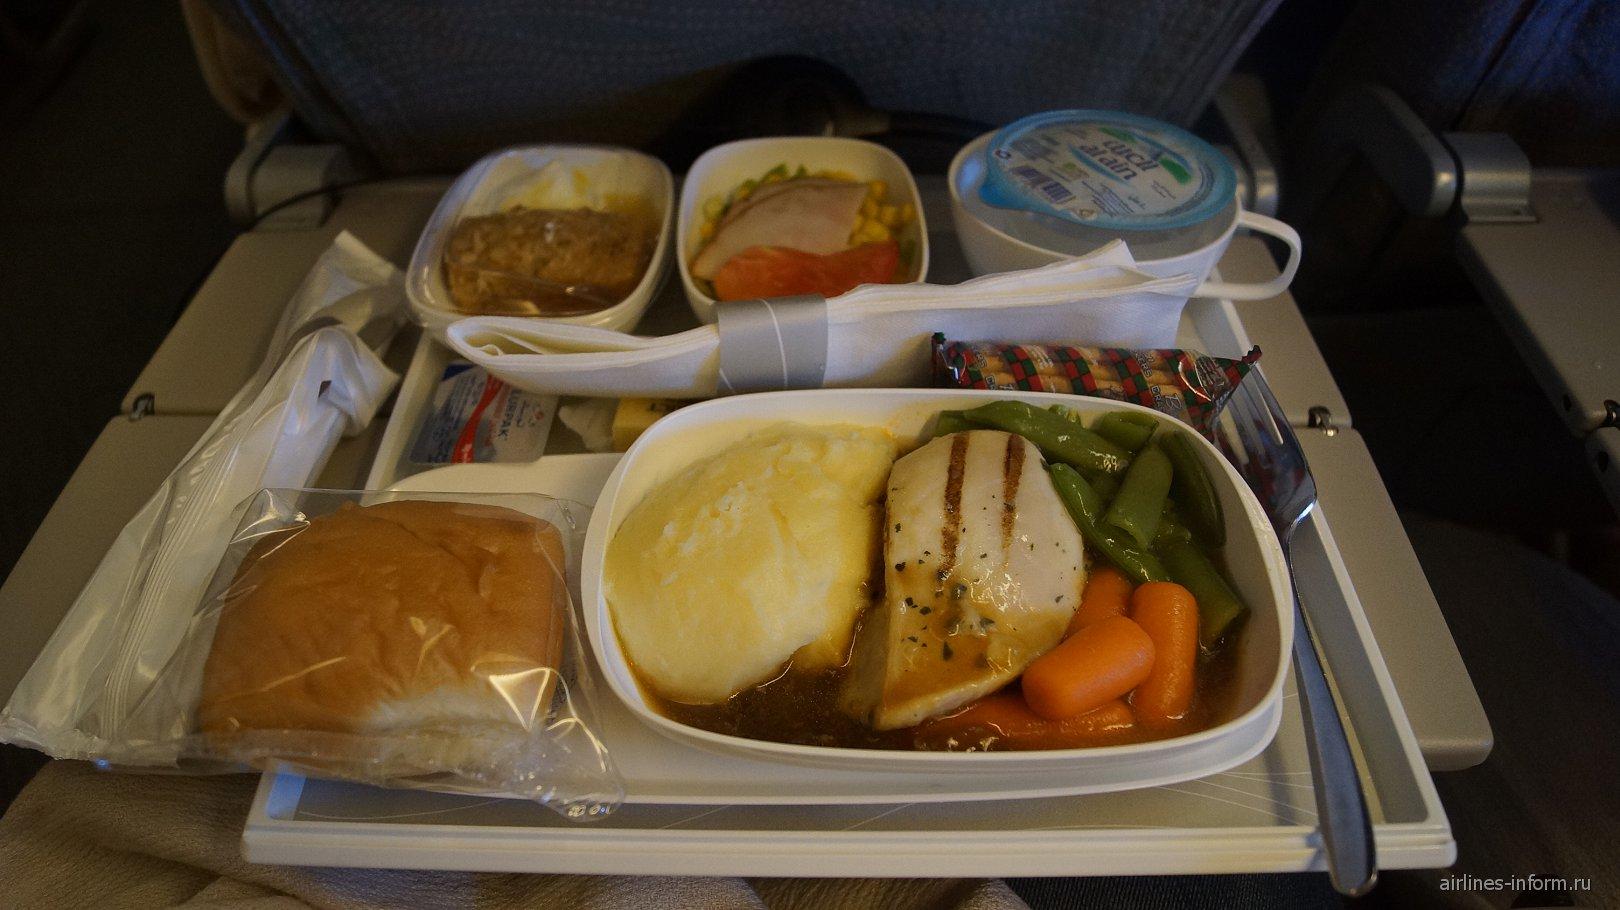 Питание для пассажиров экономического класса на рейсе Дубай-Москва авиакомпании Emirates